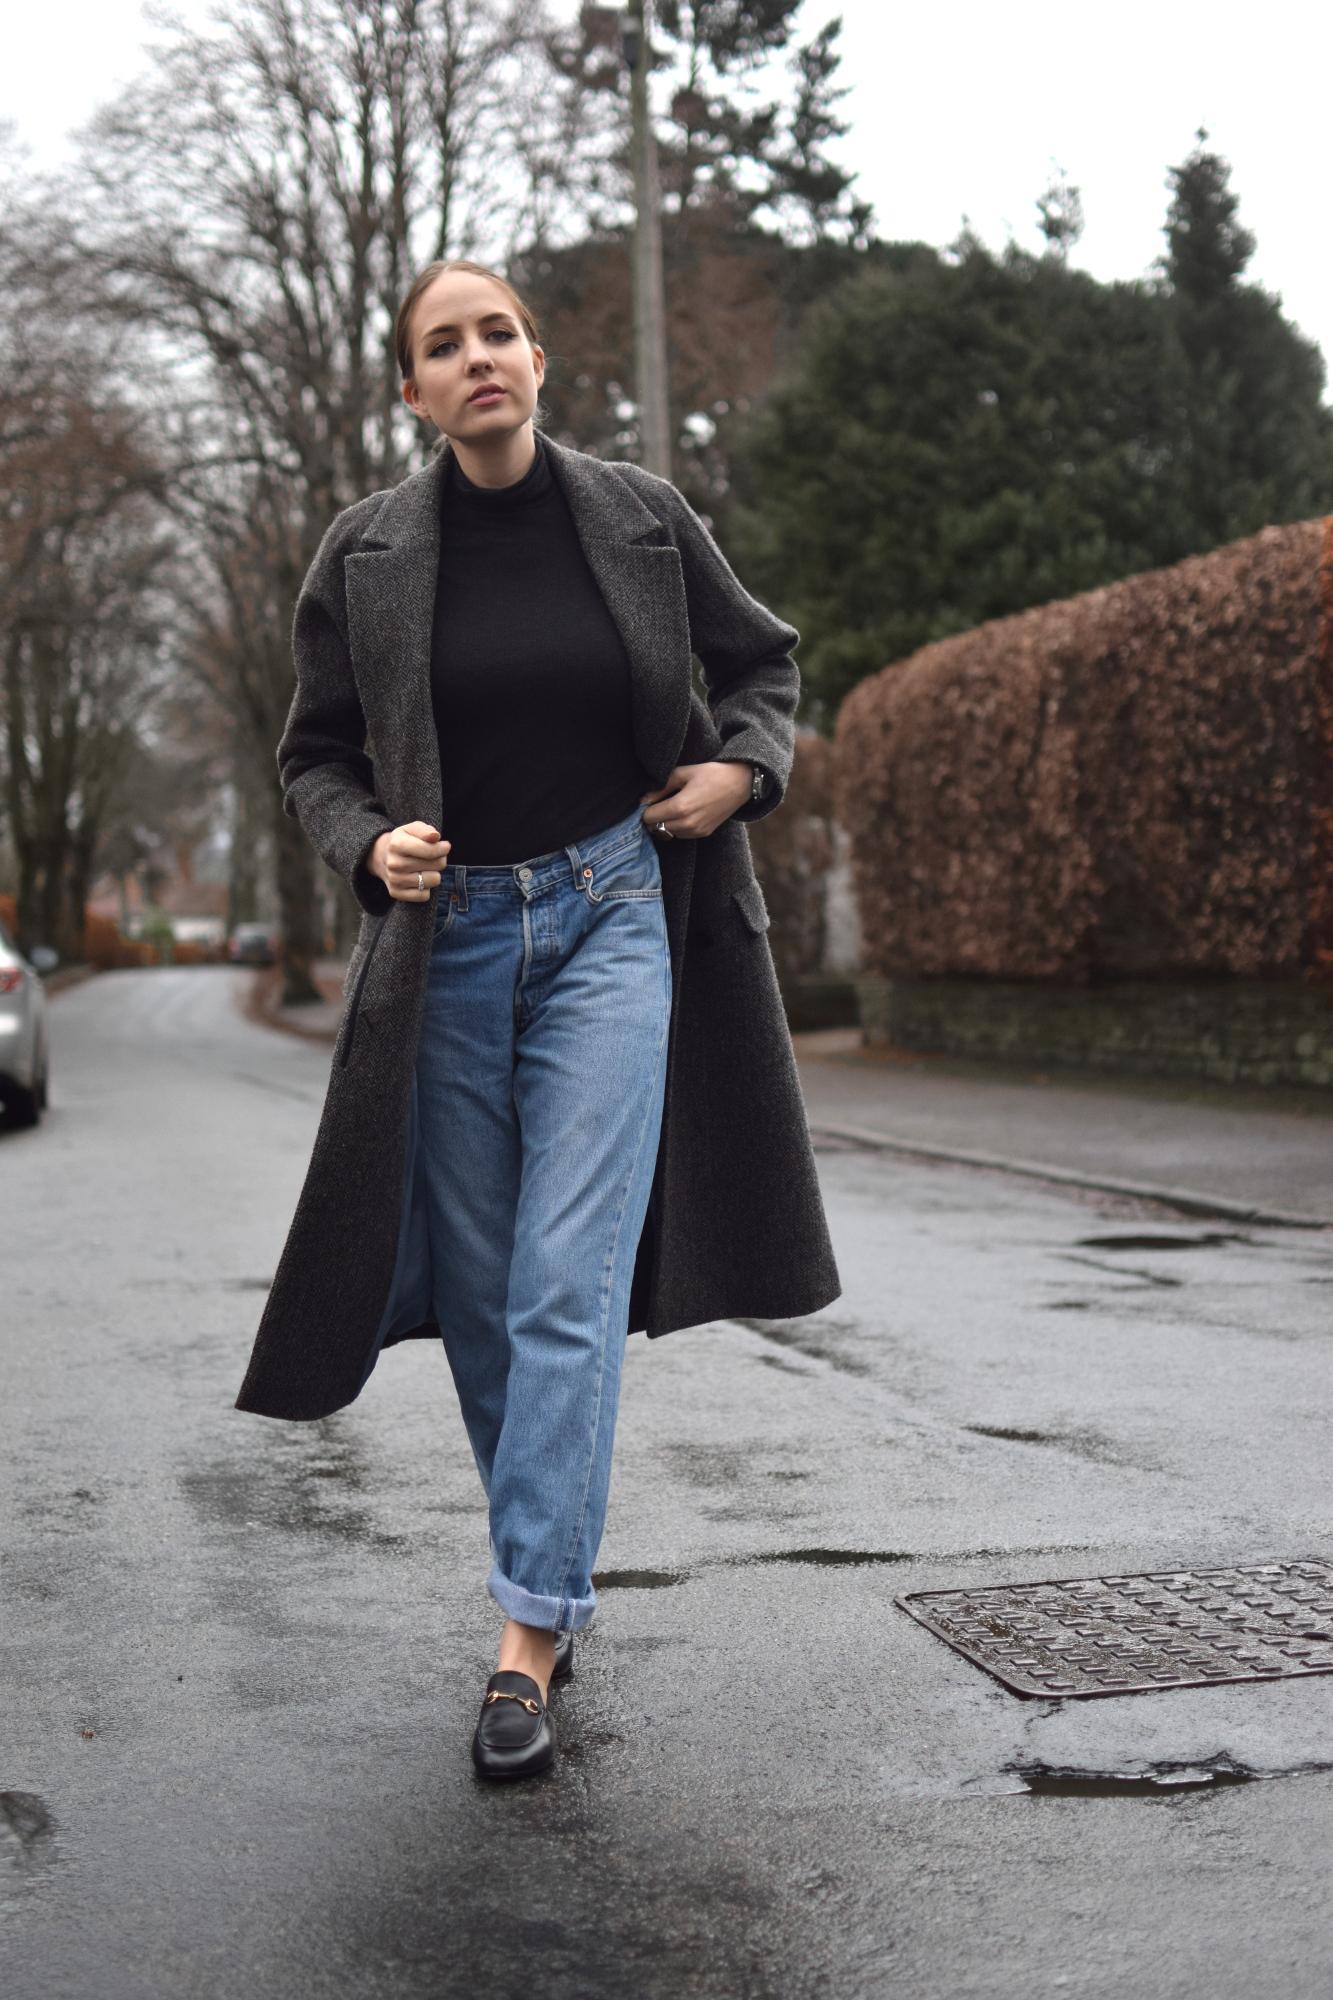 Vintage 501s and tweed coat